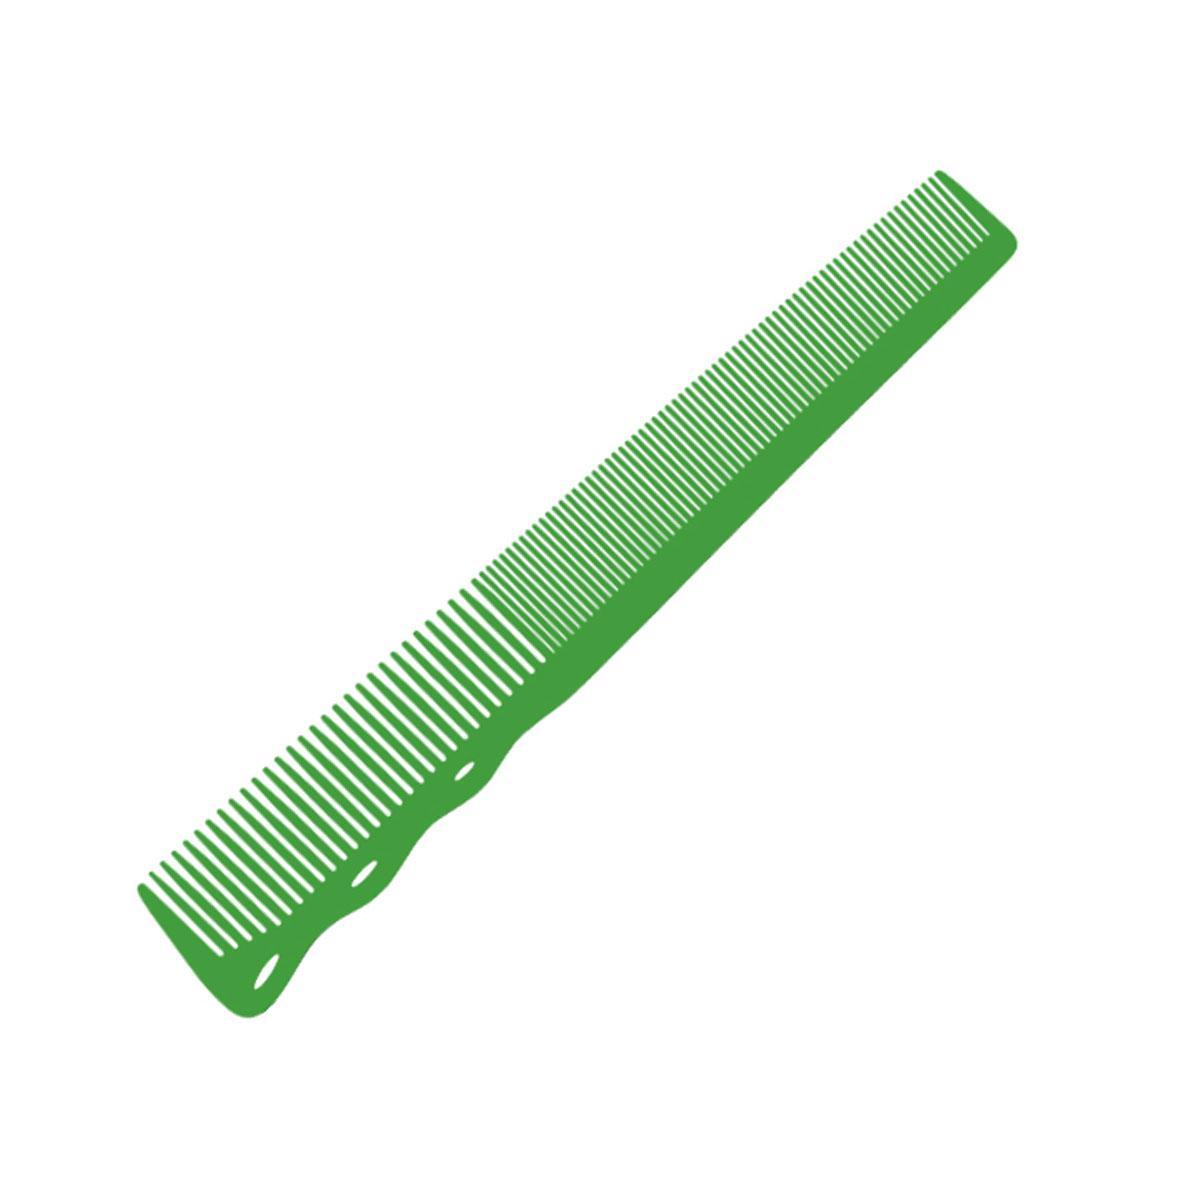 Расческа для стрижки Y.S. Park YS-232 Green